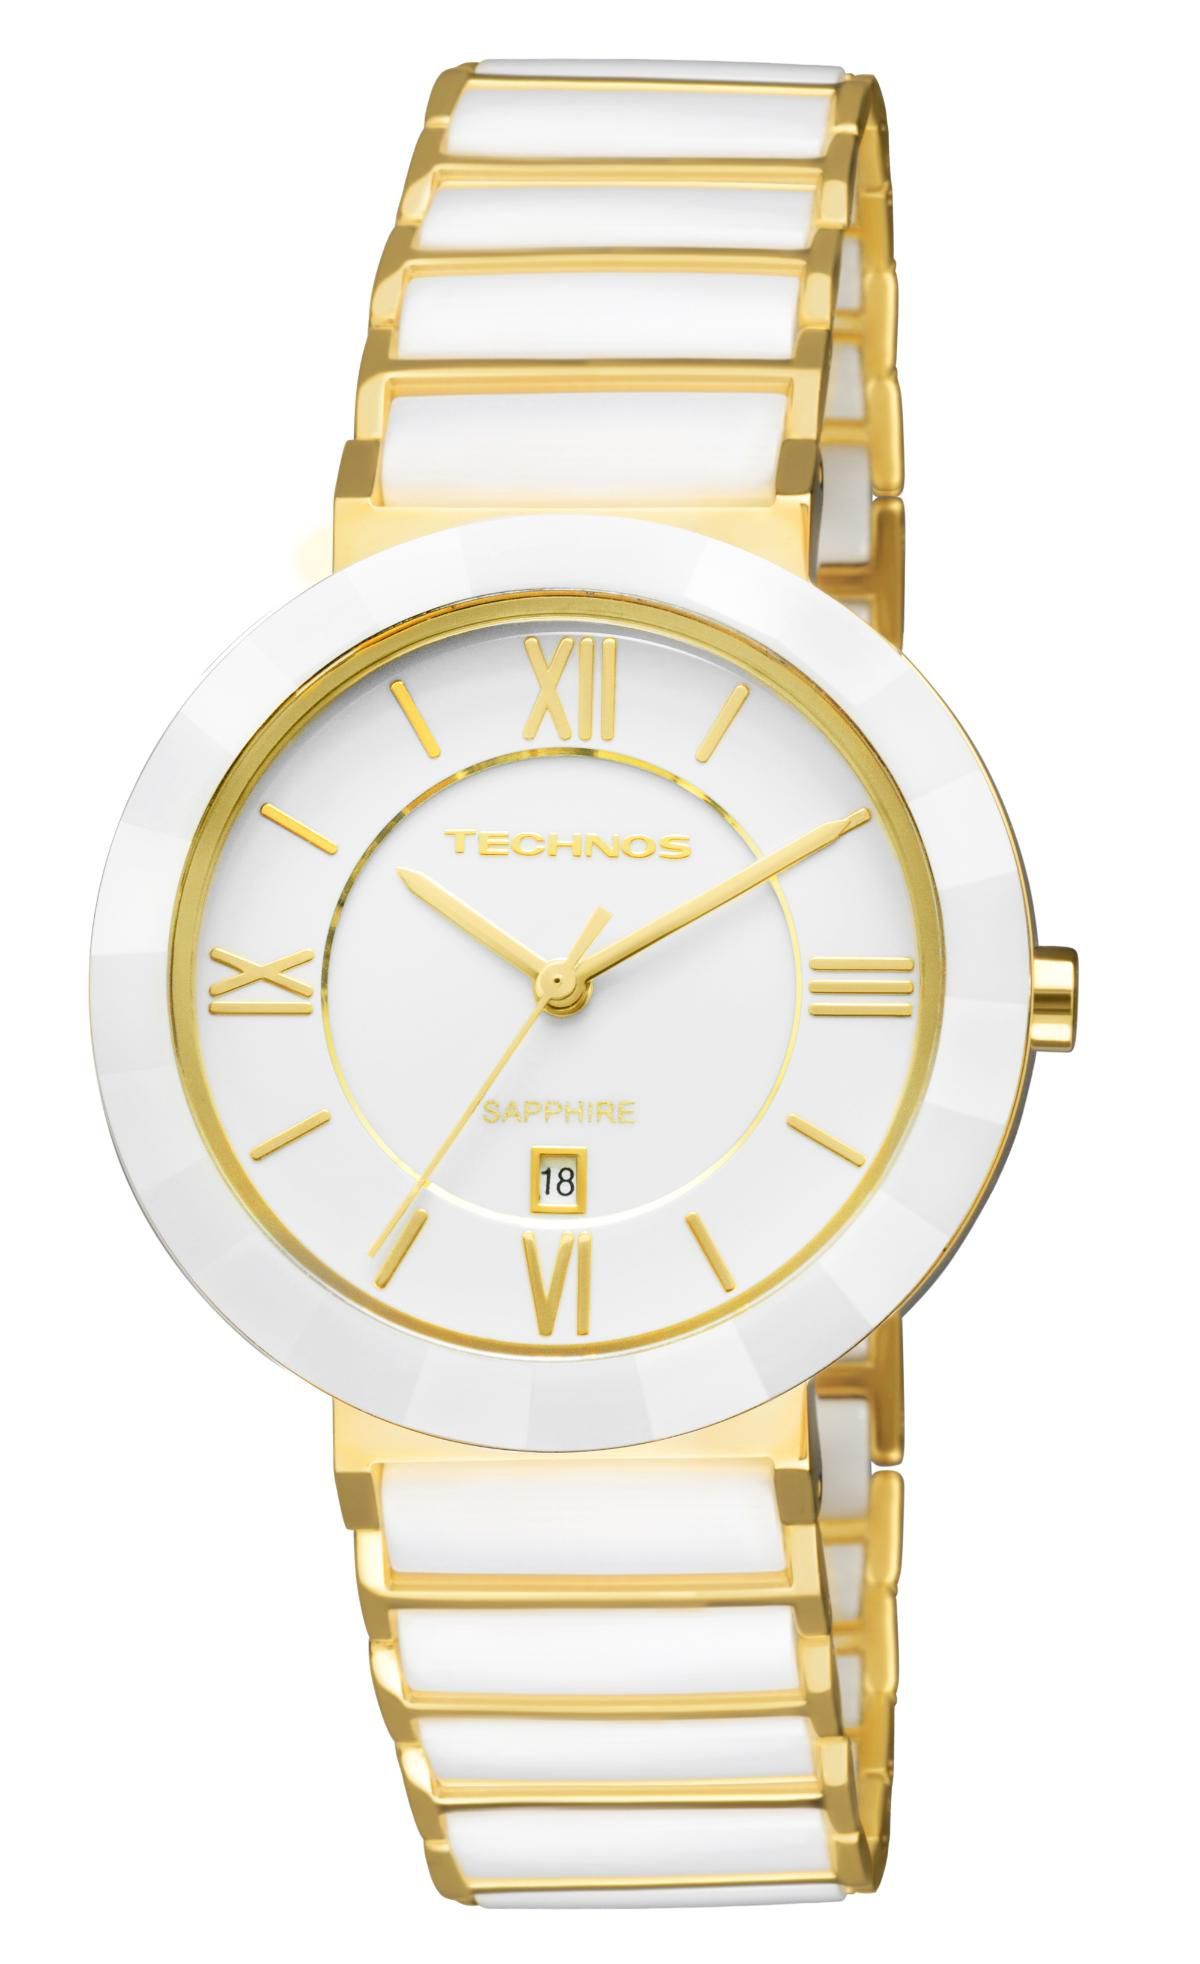 Relógio Feminino Technos Ceramic 2015CE 4B Dourado Branco 34mm - Vitrino  Relógios 265ed39d25